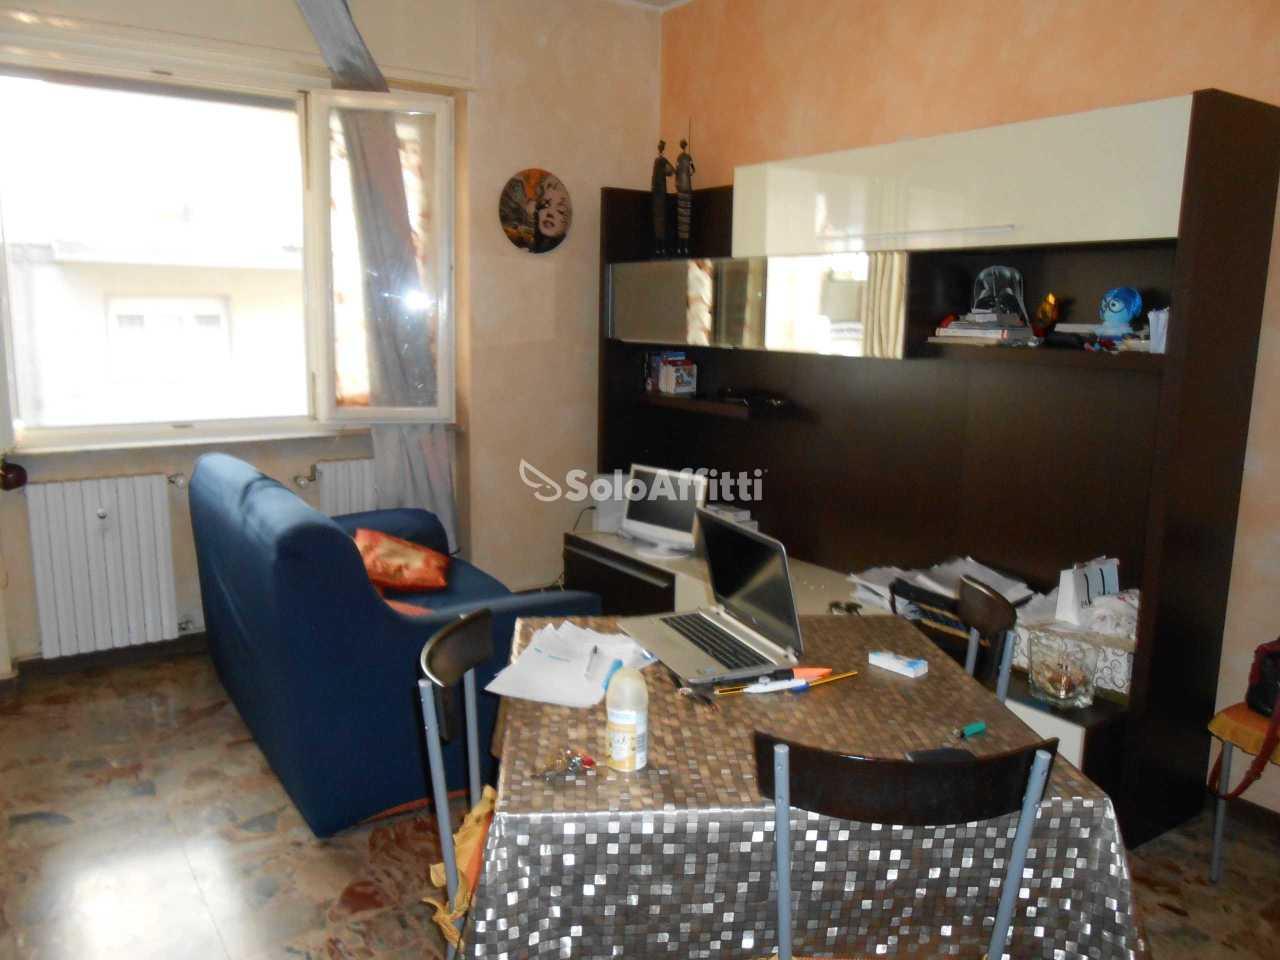 Ufficio Moderno Della Lombardia Pavia : Appartamento a pavia pv . case a pavia pv ilovecasa.eu